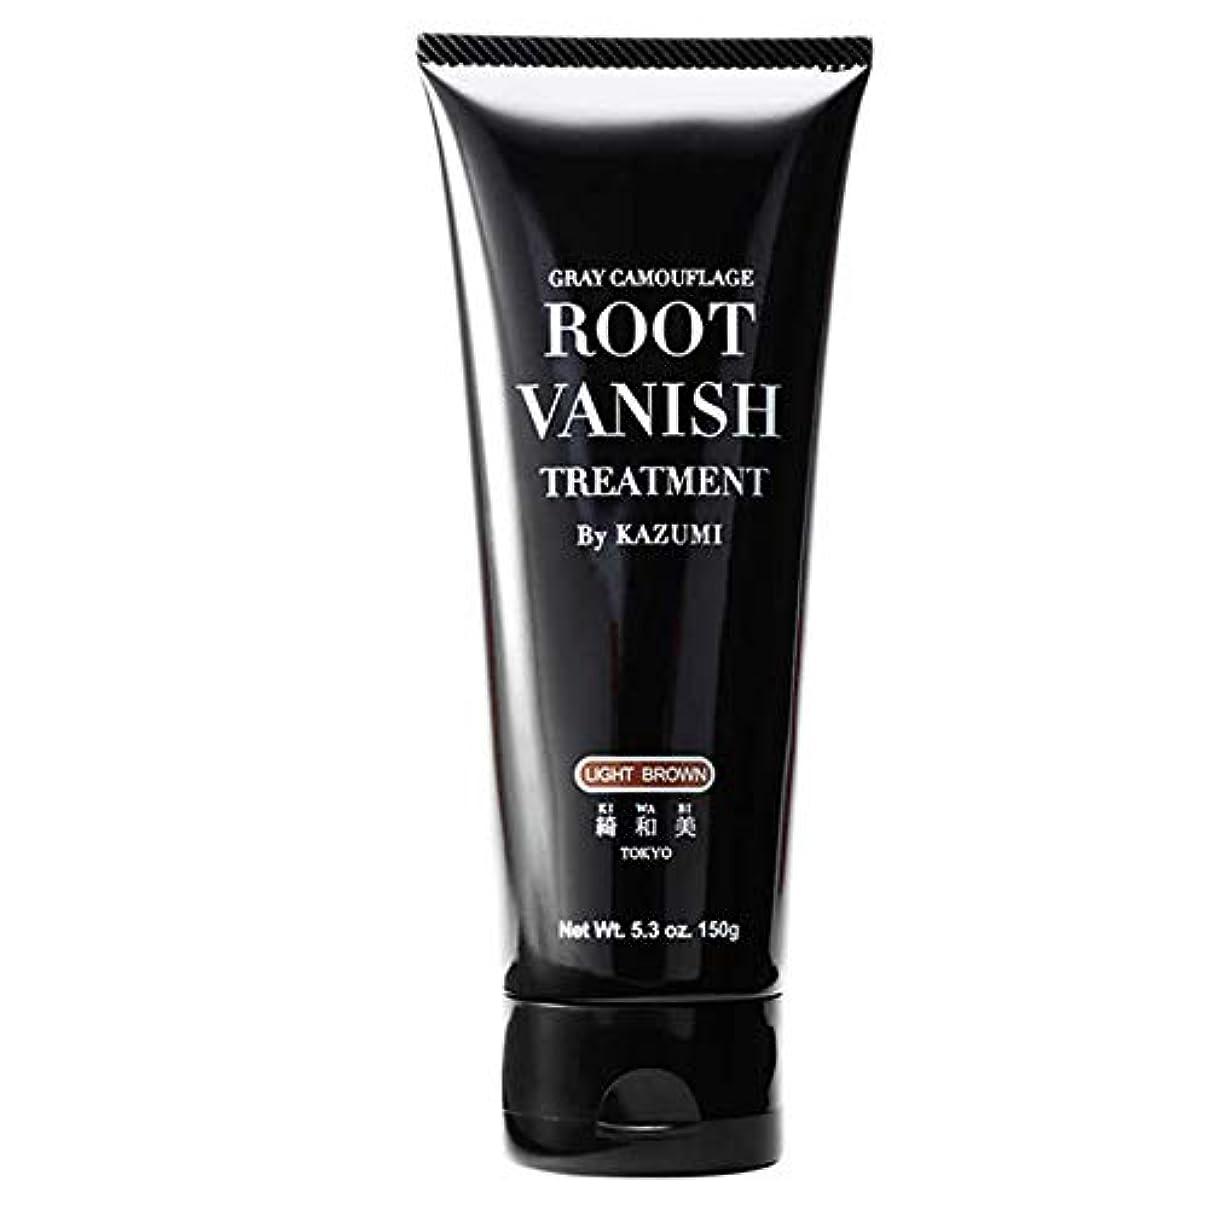 盲目筋肉の発見するRoot Vanish 白髪染め (ライトブラウン) ヘアカラートリートメント 女性用 [100%天然成分 / 無添加22種類の植物エキス配合]